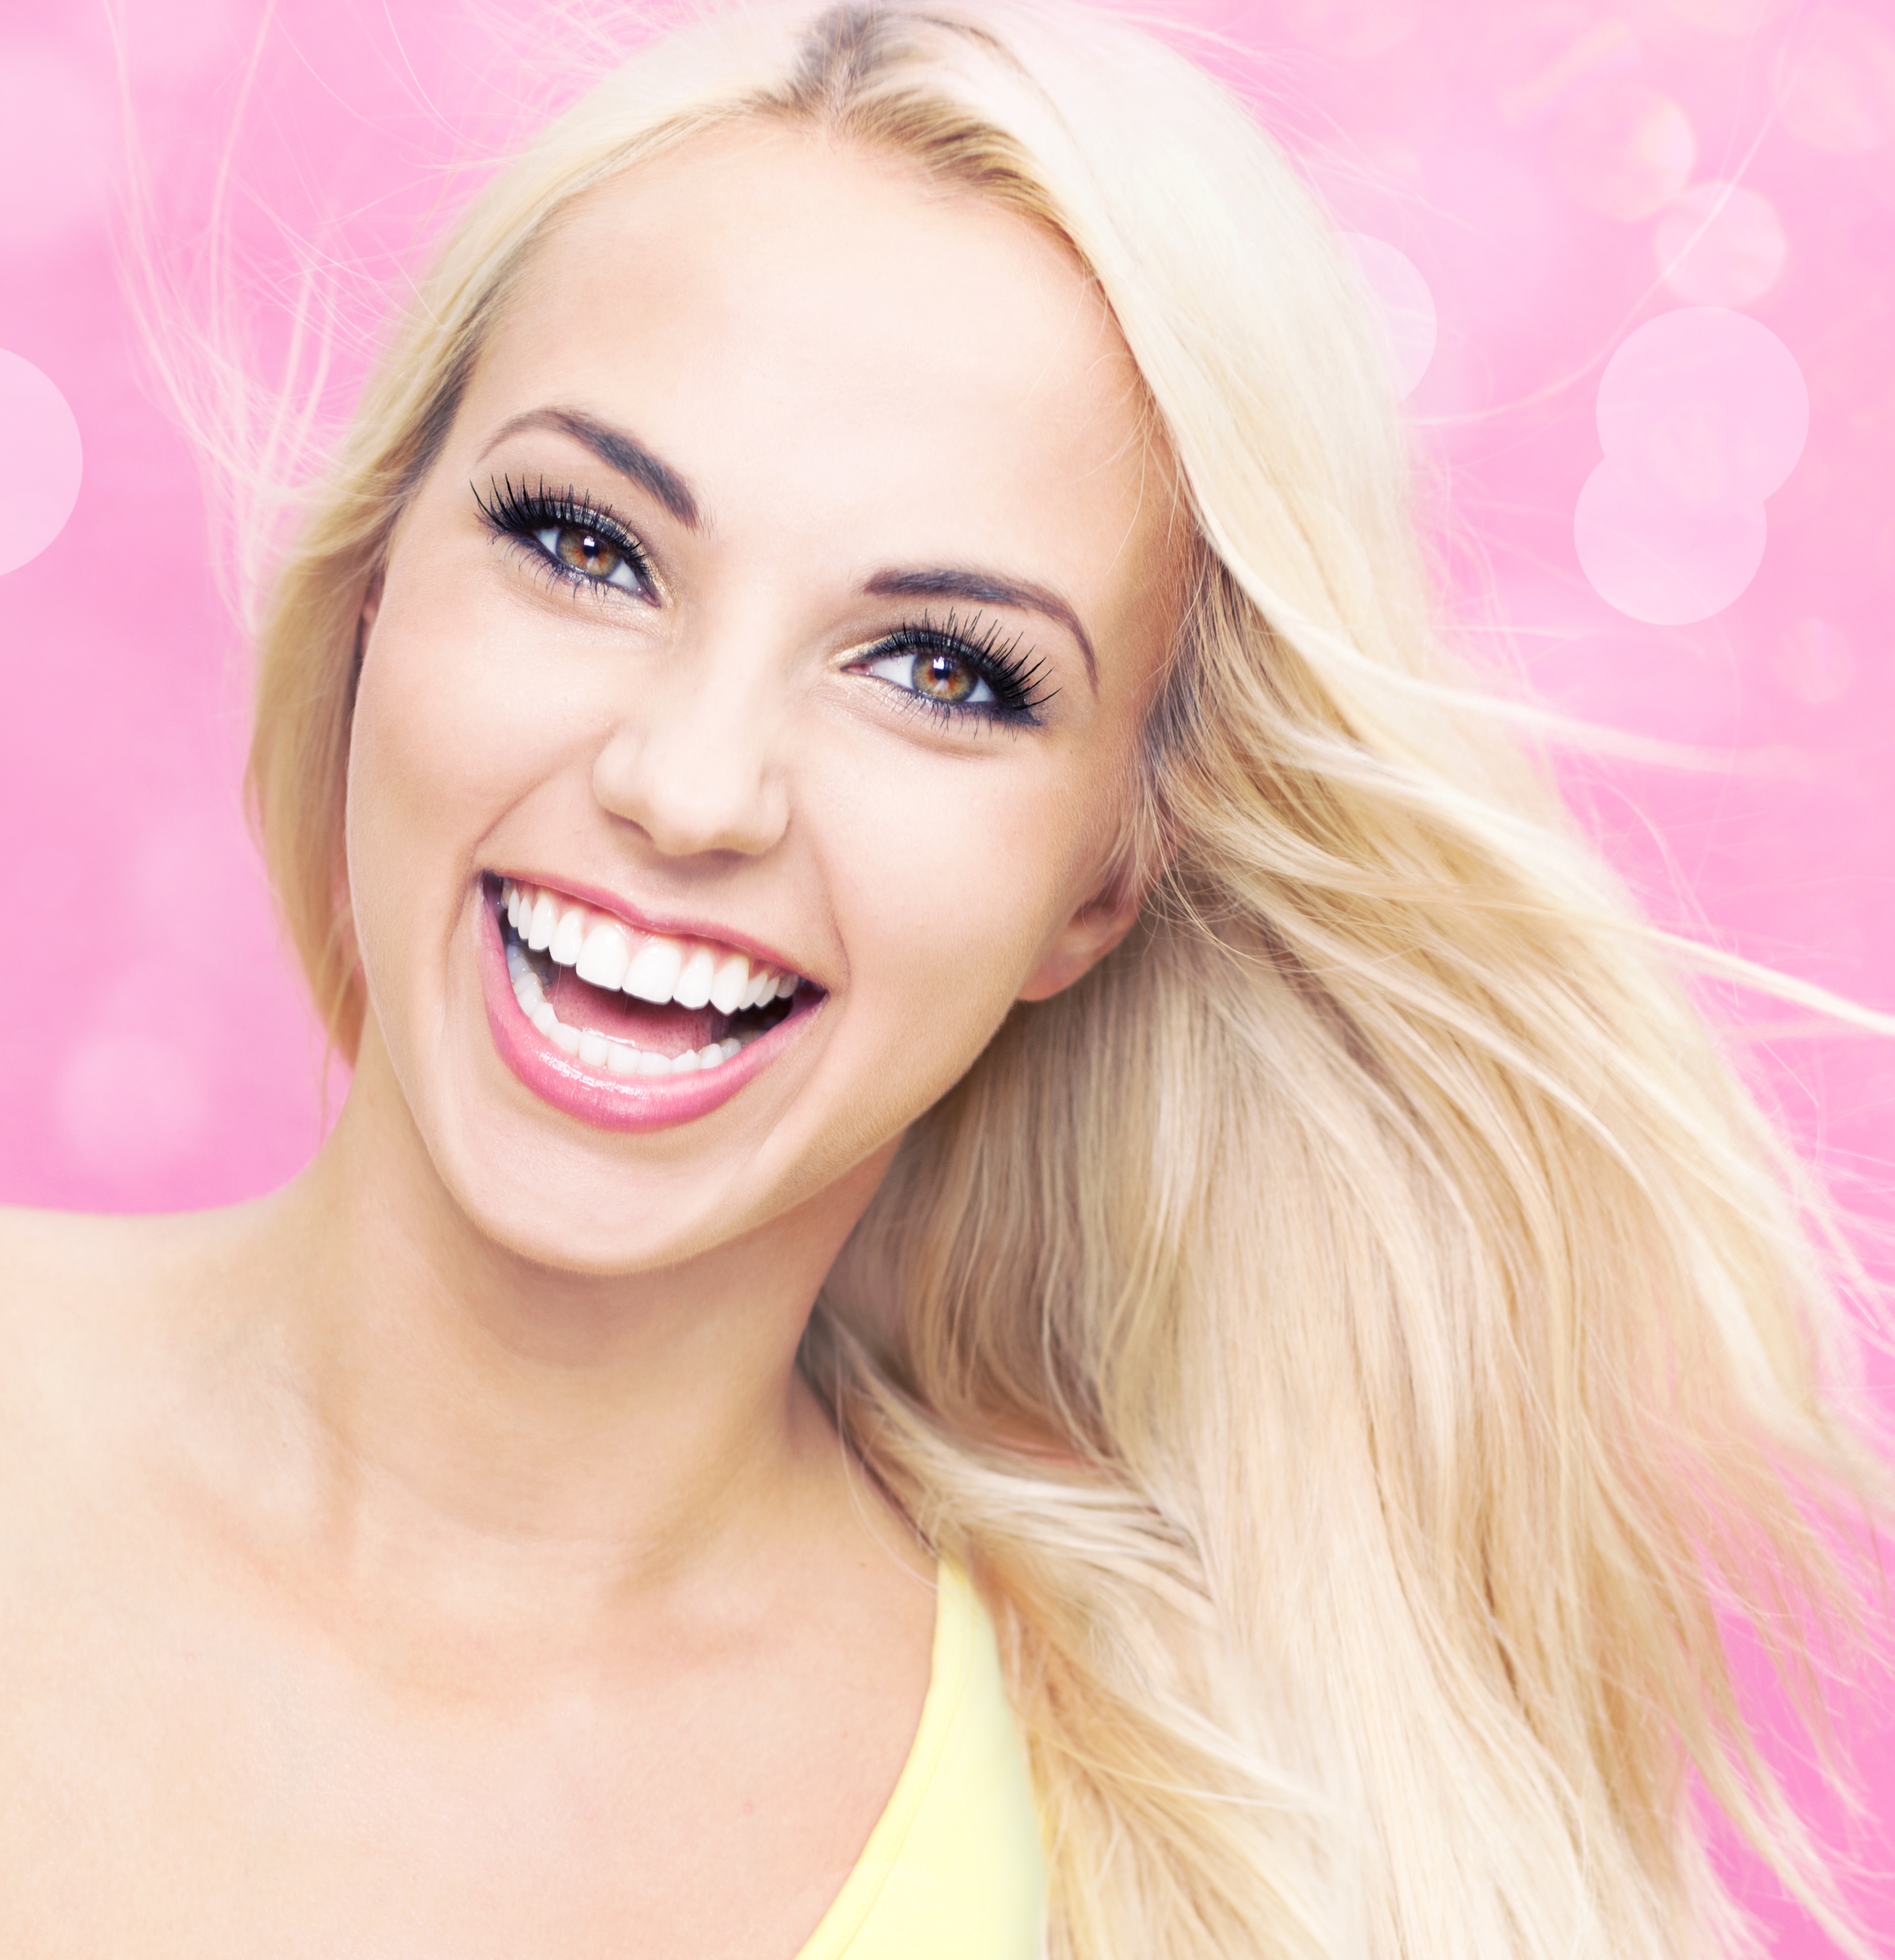 gesunde zähne tipps regeln weiße zähne